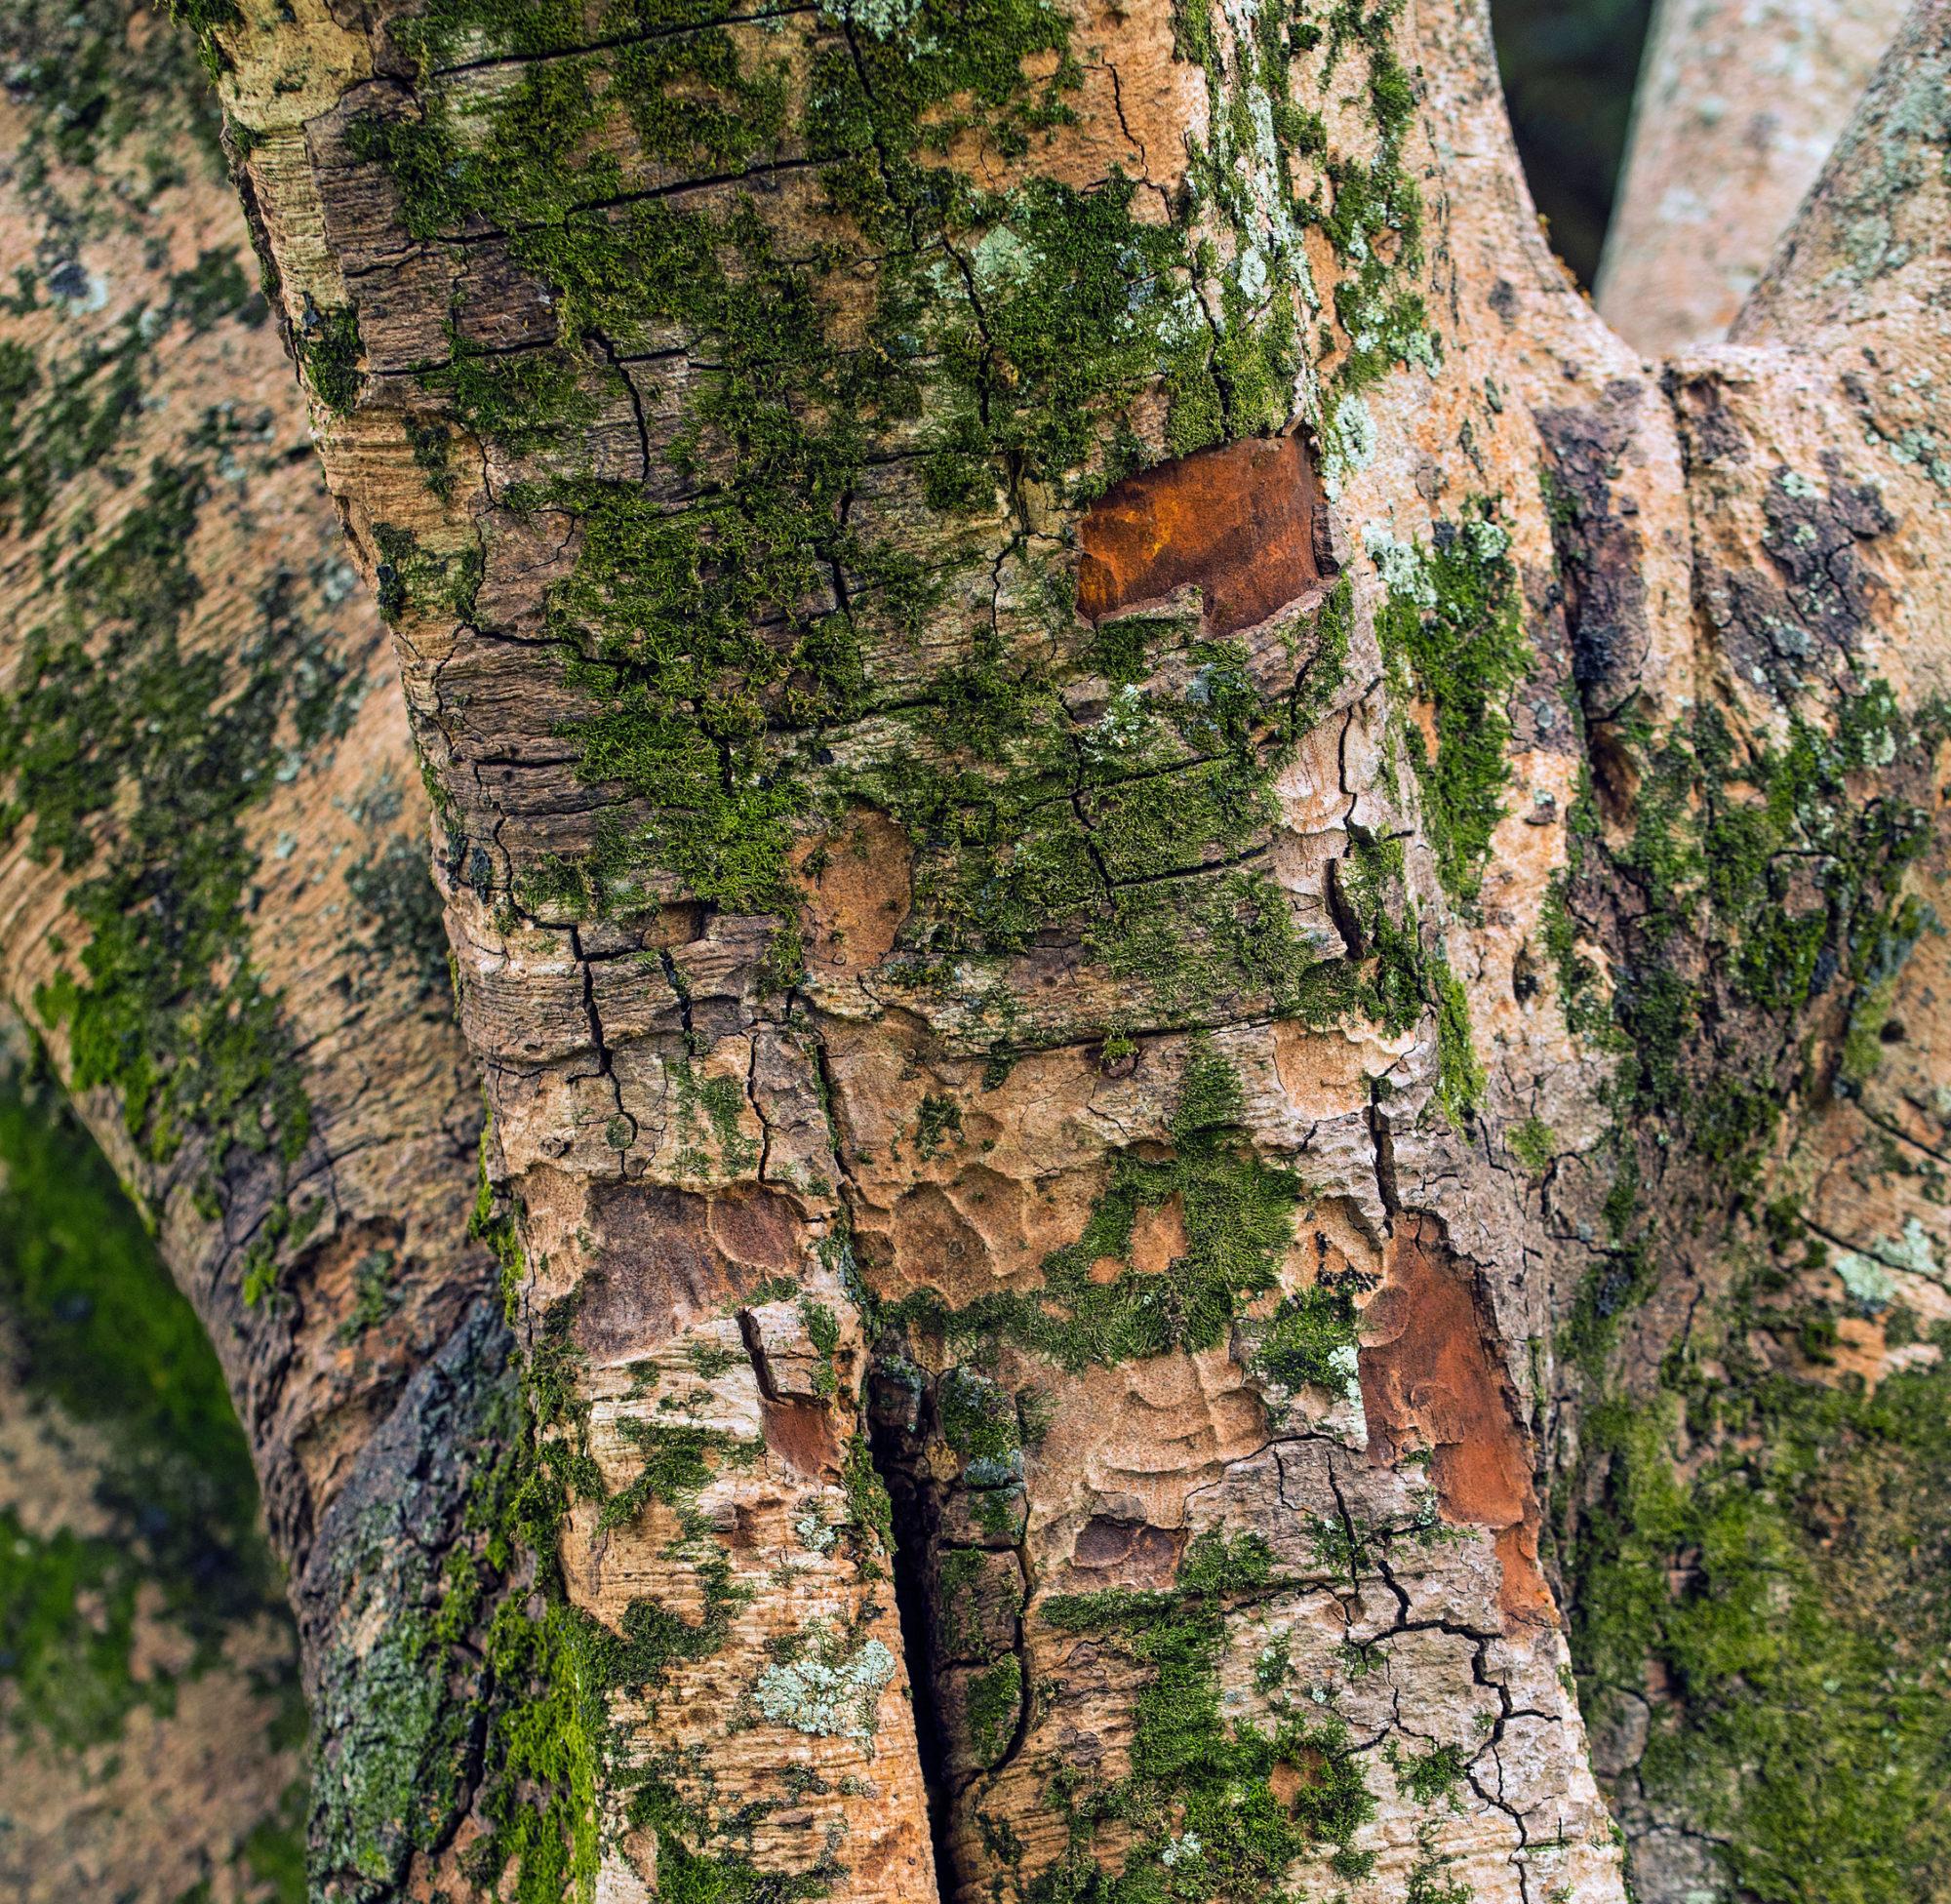 Concello de Muras   Cualificacións aspirantes peóns forestais  